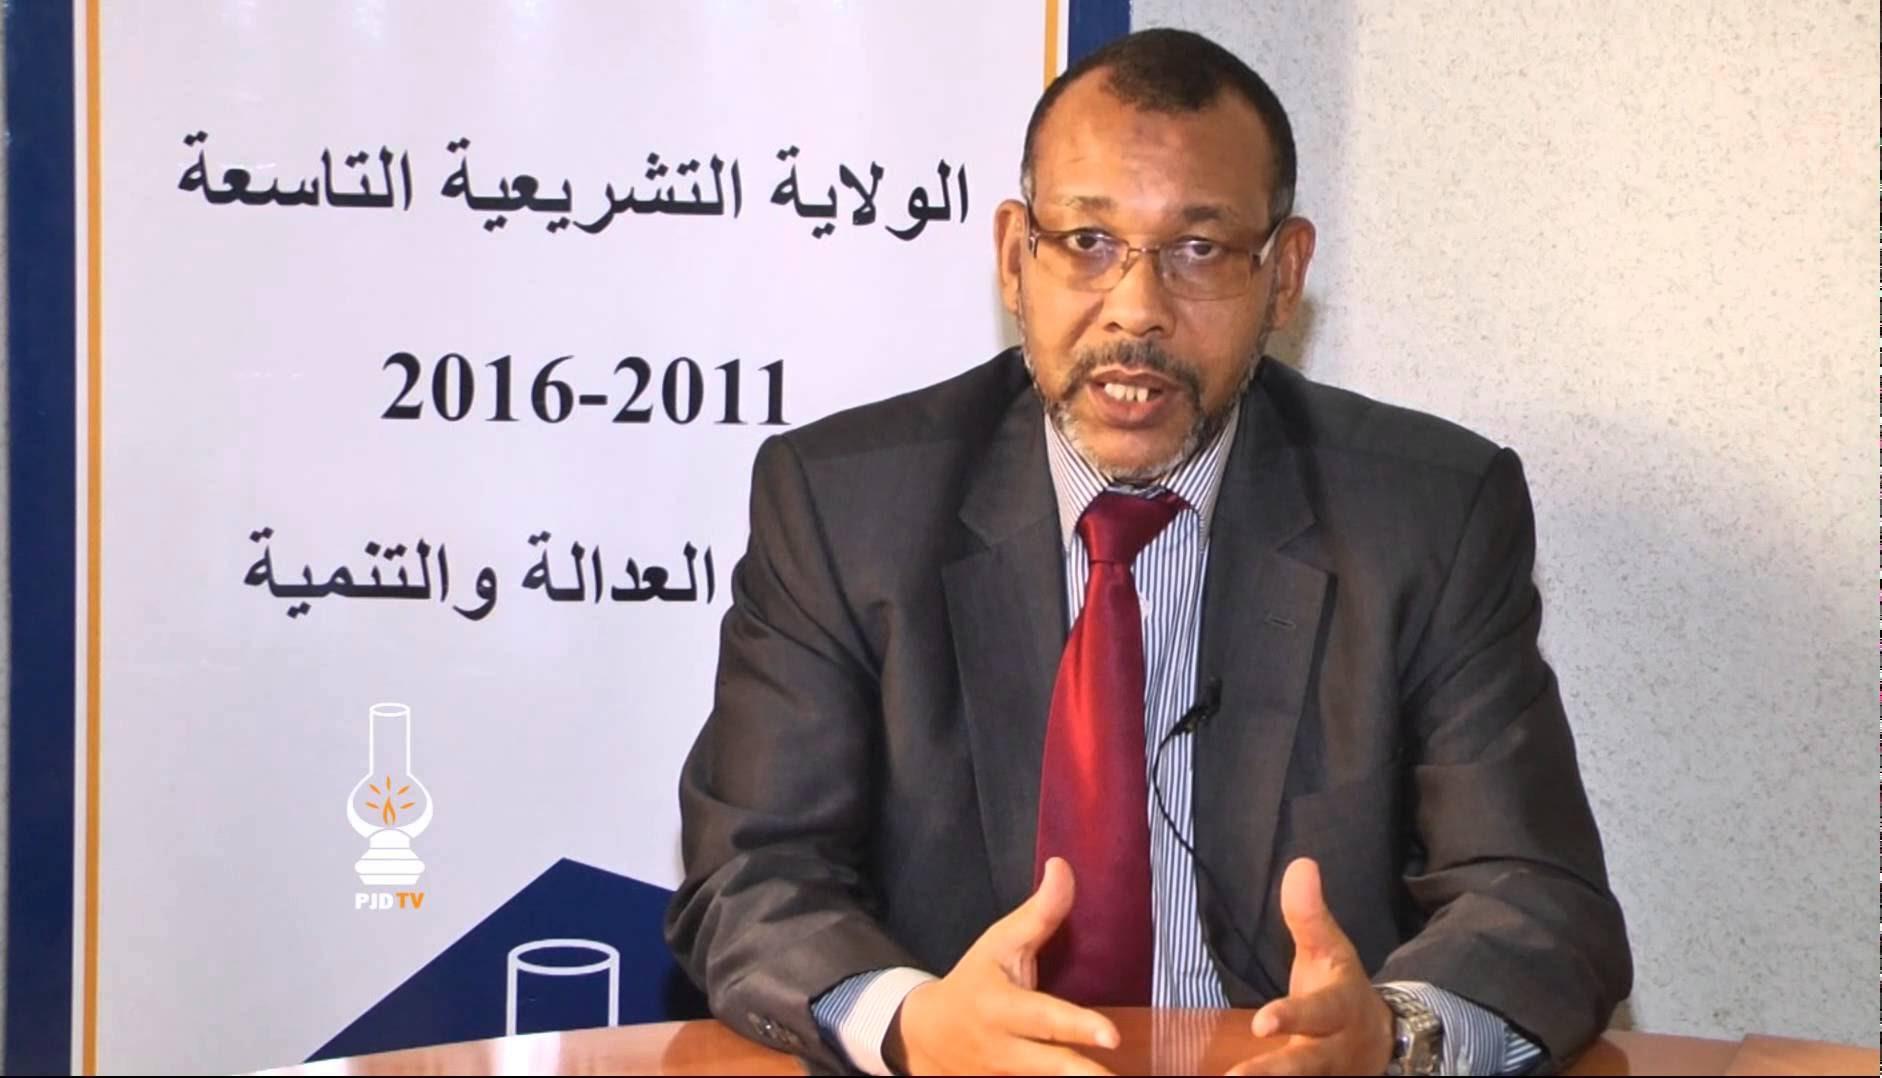 """""""سياسي"""" تكشف خروقات بالجملة لرئيس بلدية تطوان المنتمي لحزب العدالة والتنمية+ وثيقة"""